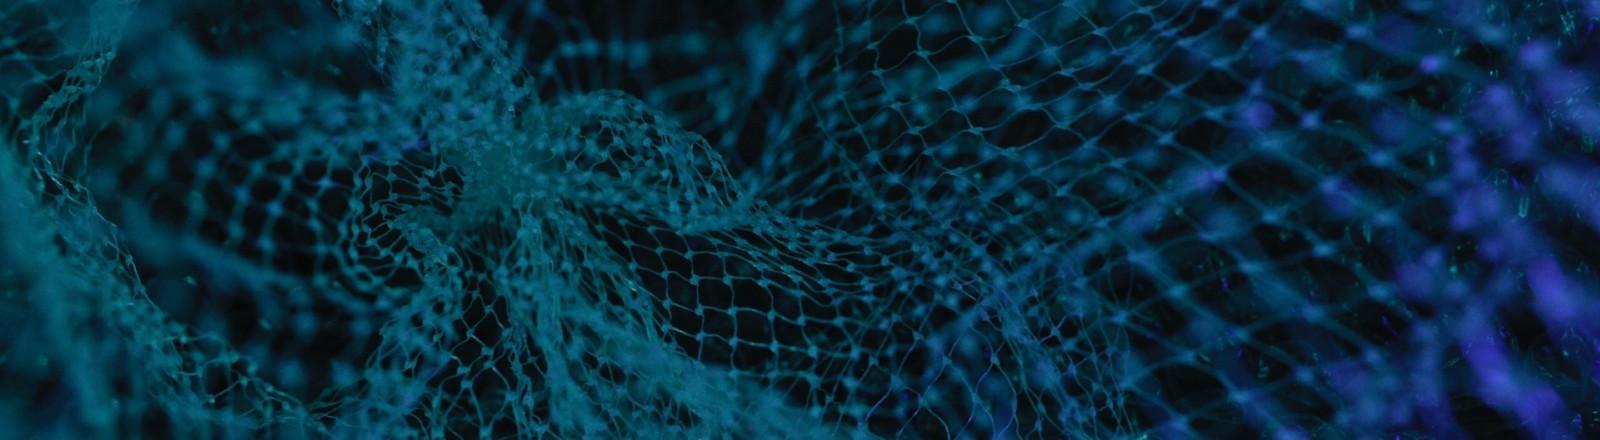 Abstrakes Bild eines Netzes unter Wasser